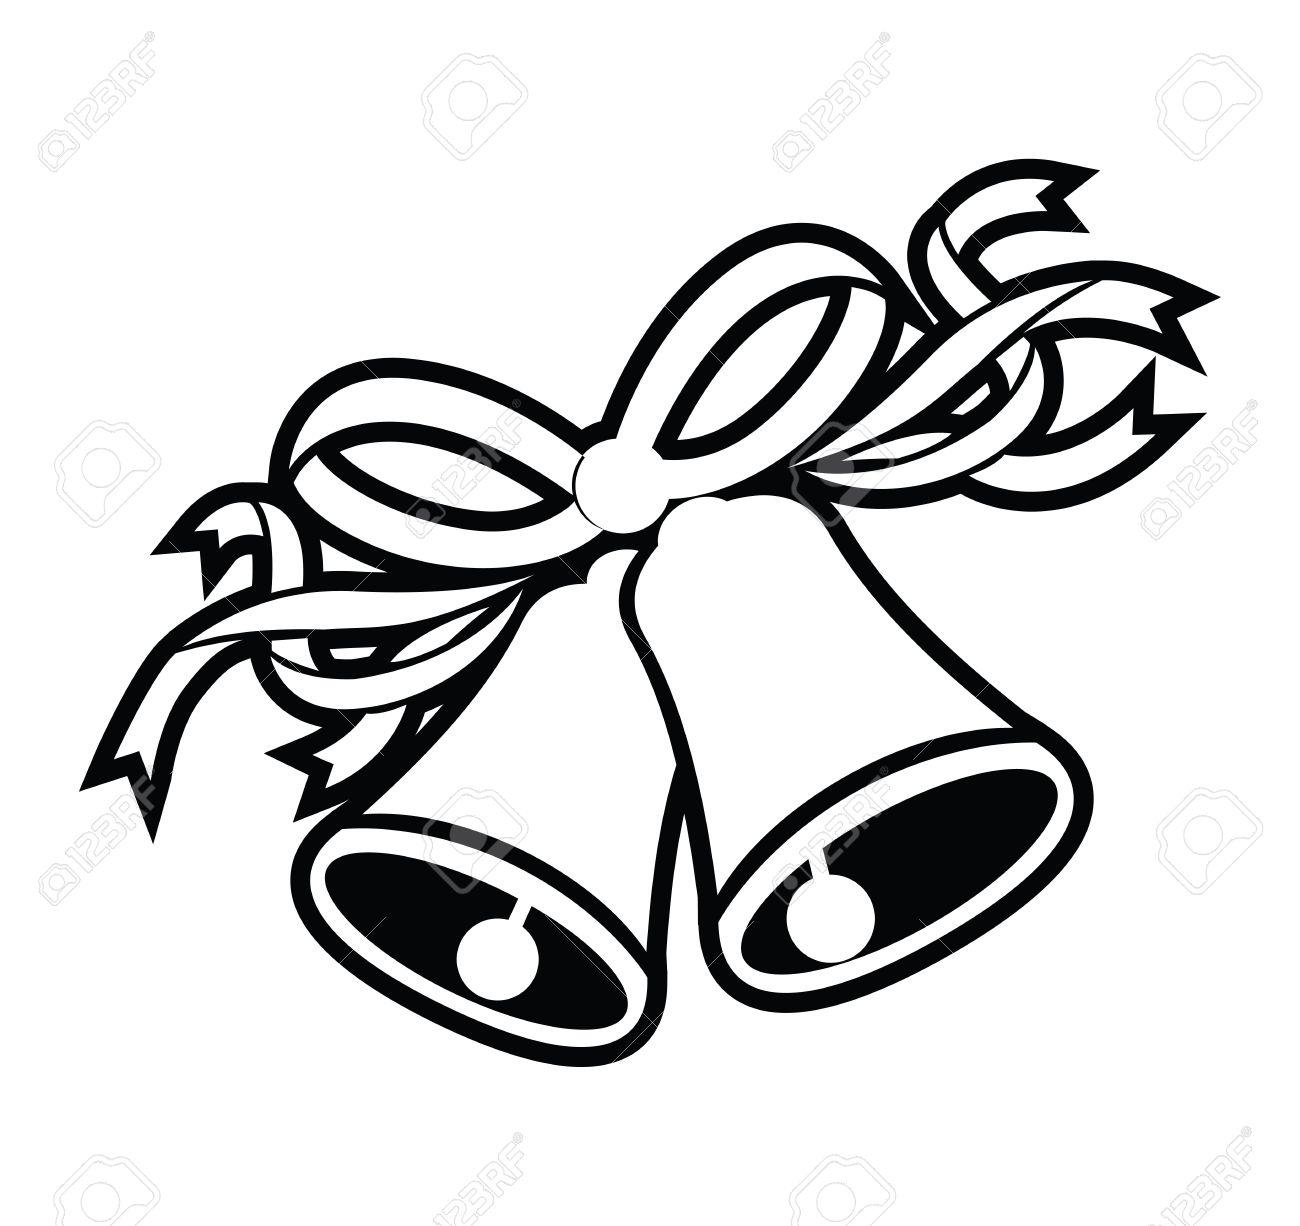 mariage cloches noires Banque d'images - 58013928